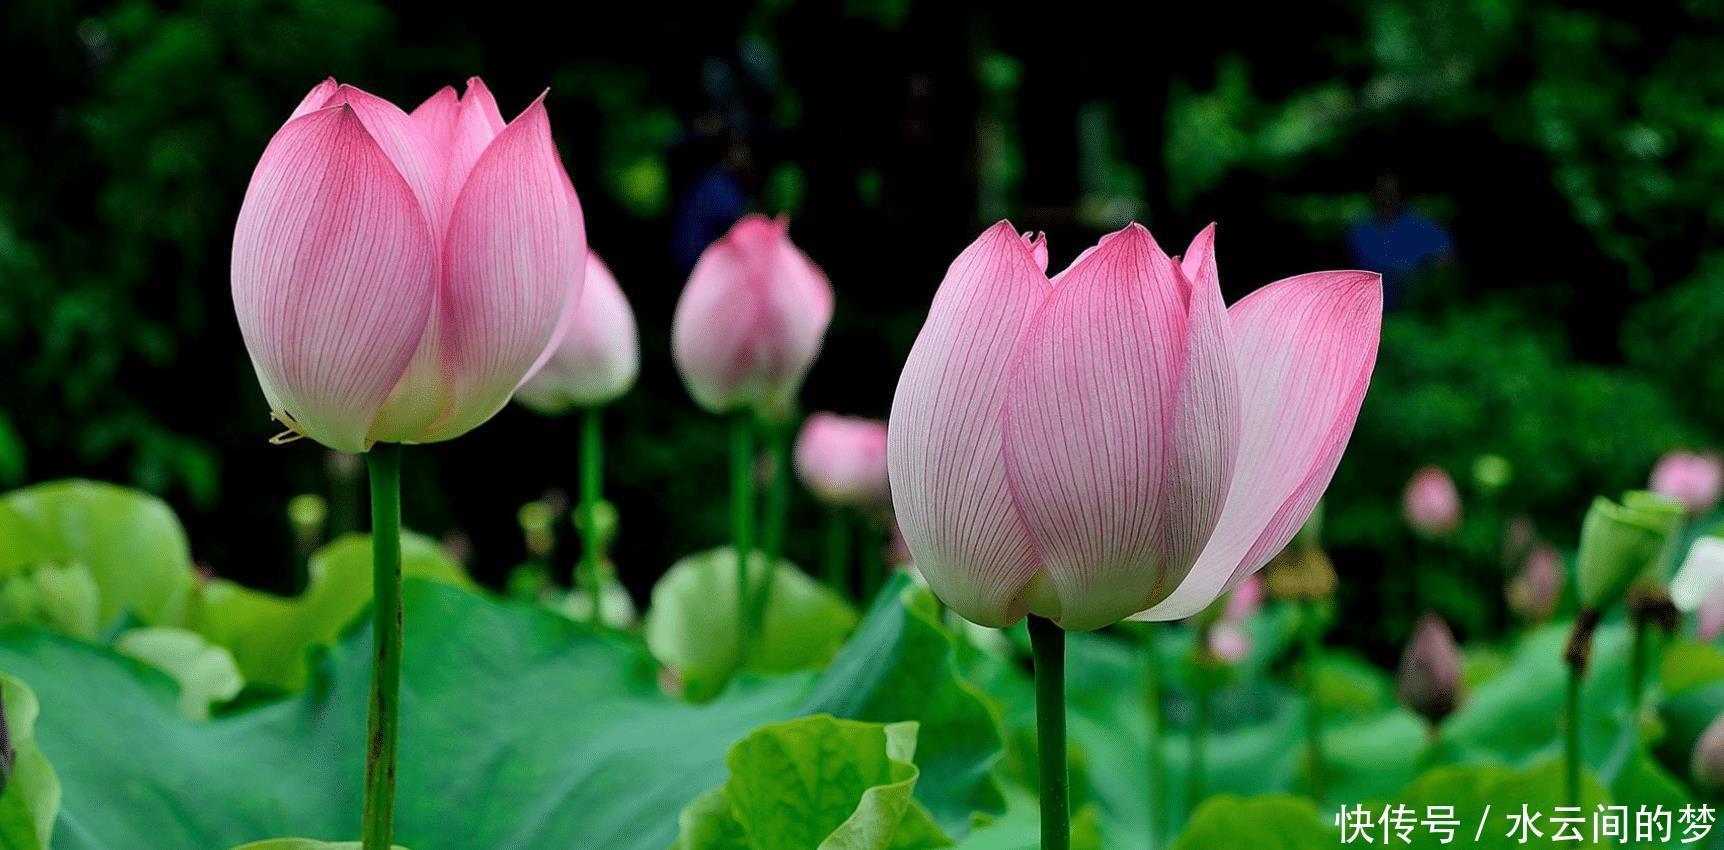 5月,百轉千回,不負前緣,心系舊愛,癡情無解,執手此生不悔!